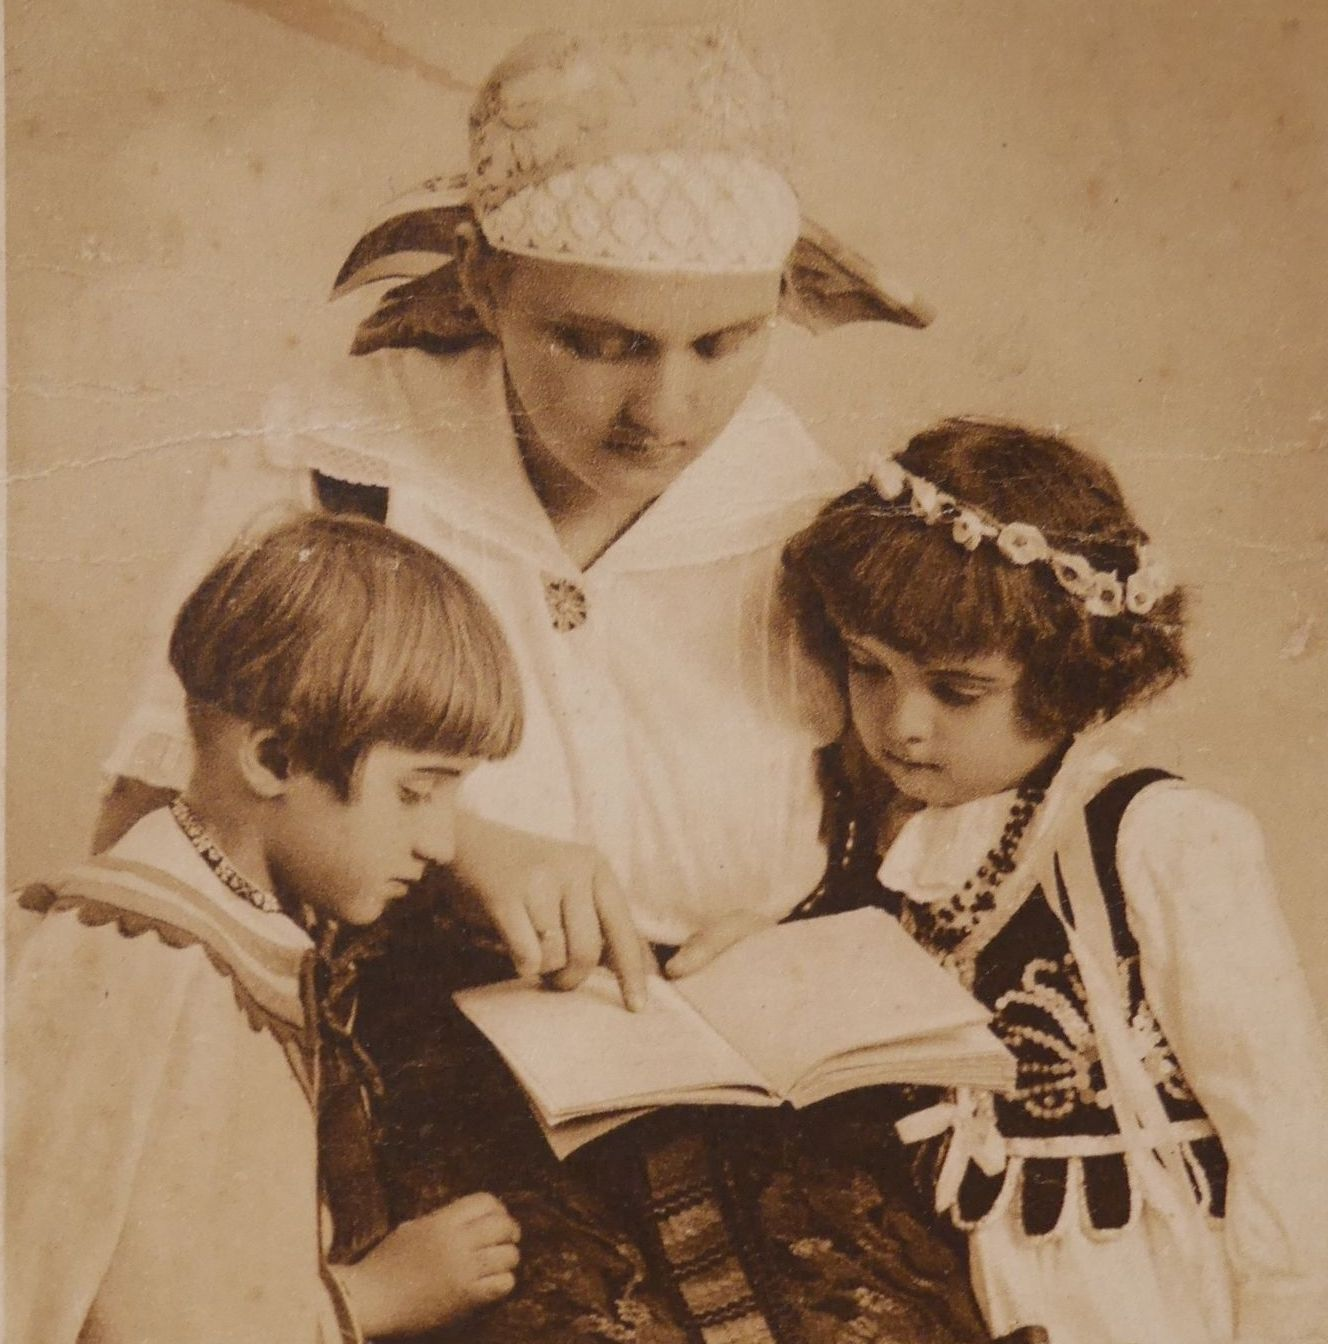 Wiadomości z przeszłości. Wszyscy wiedzą, że 8 marca obchodzi się… Dzień Matki